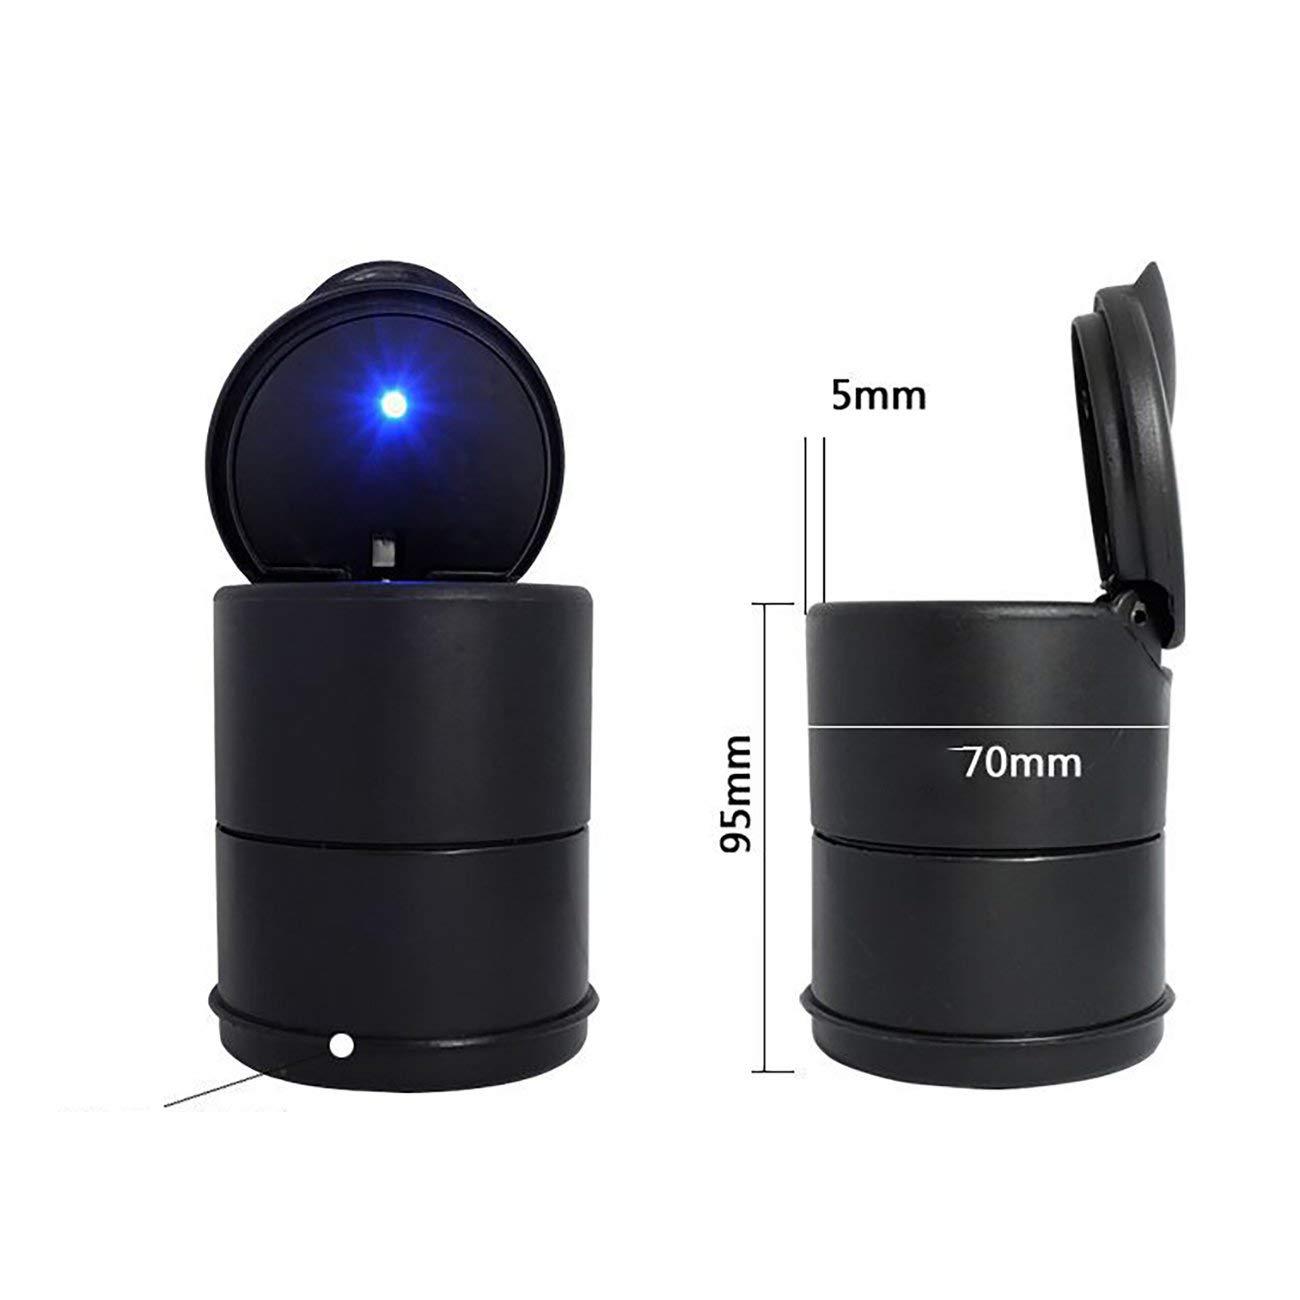 nero JBP-X Posacenere portatile a LED per auto Posaceneri neri con coperchio Posacenere per sigarette con scatola staccabile